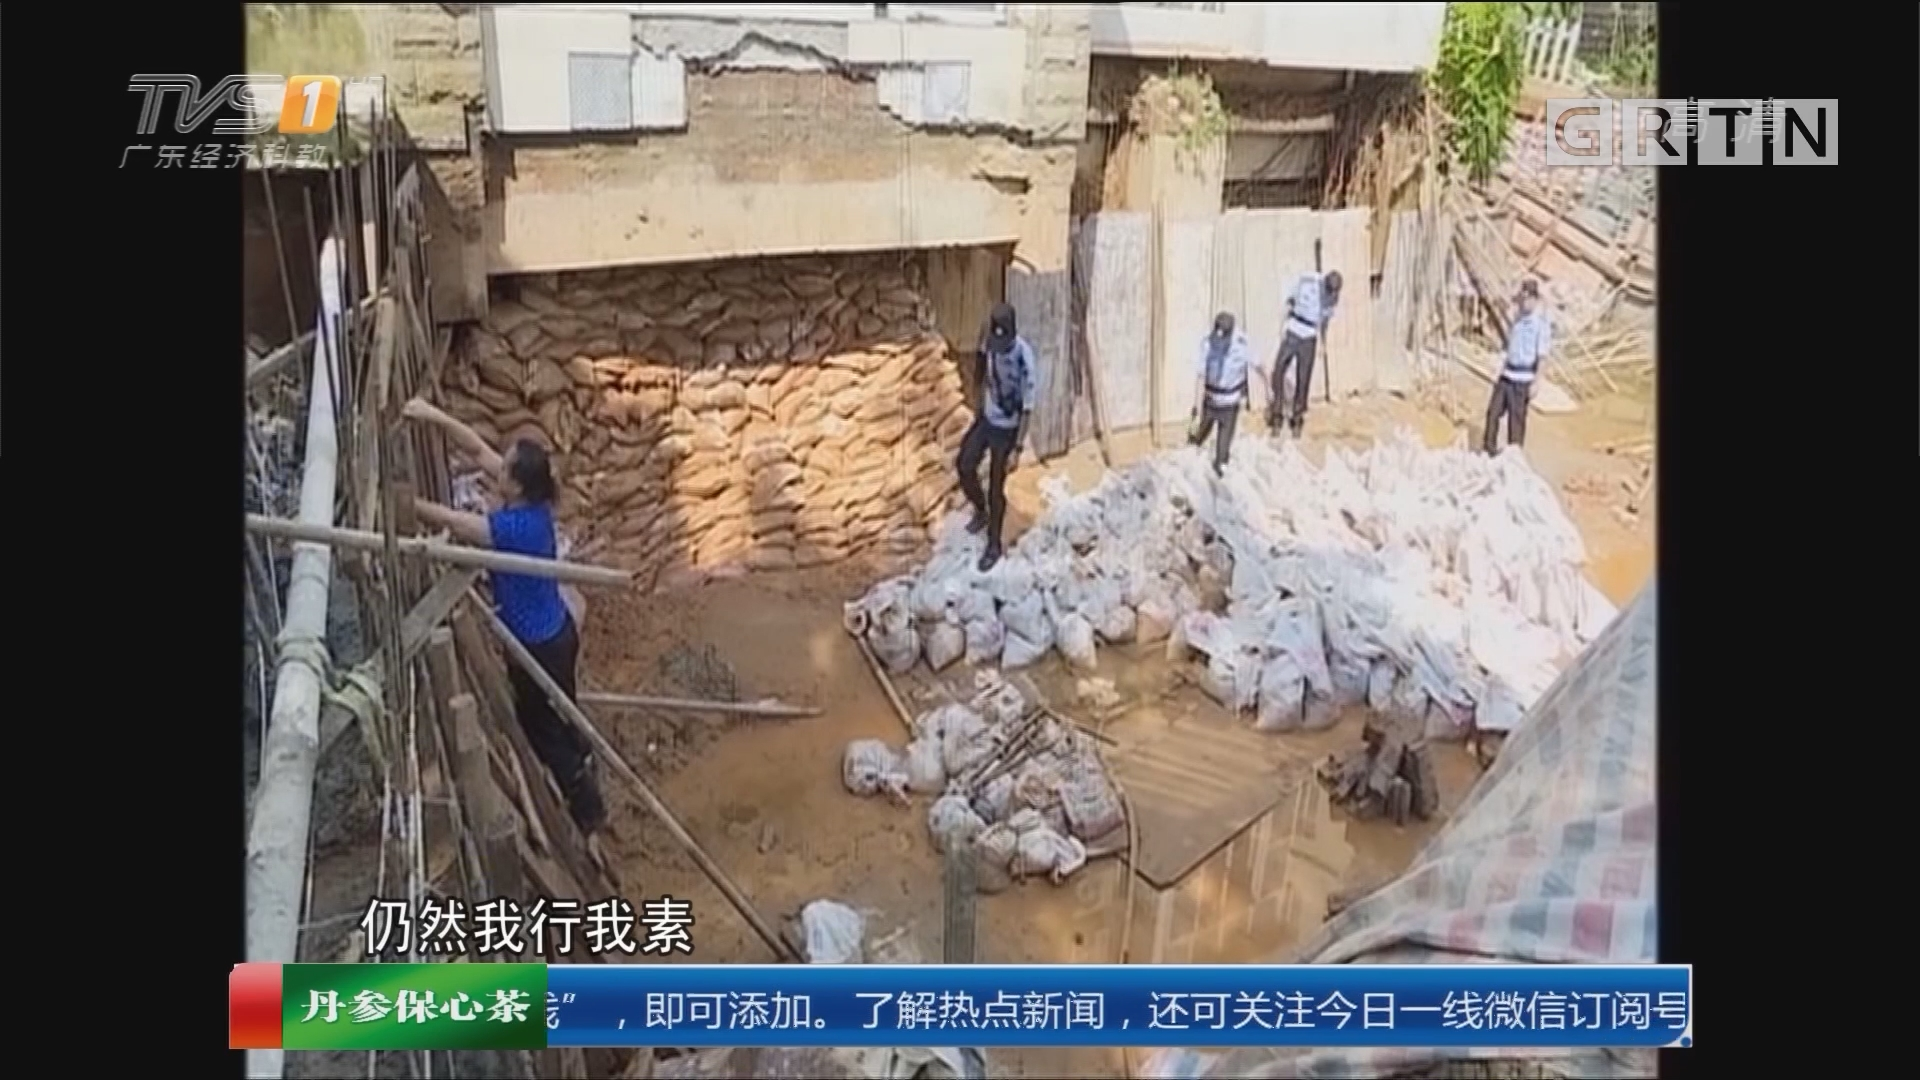 佛山三水千叶花园:居民楼下挖地建鱼池?强制回填!